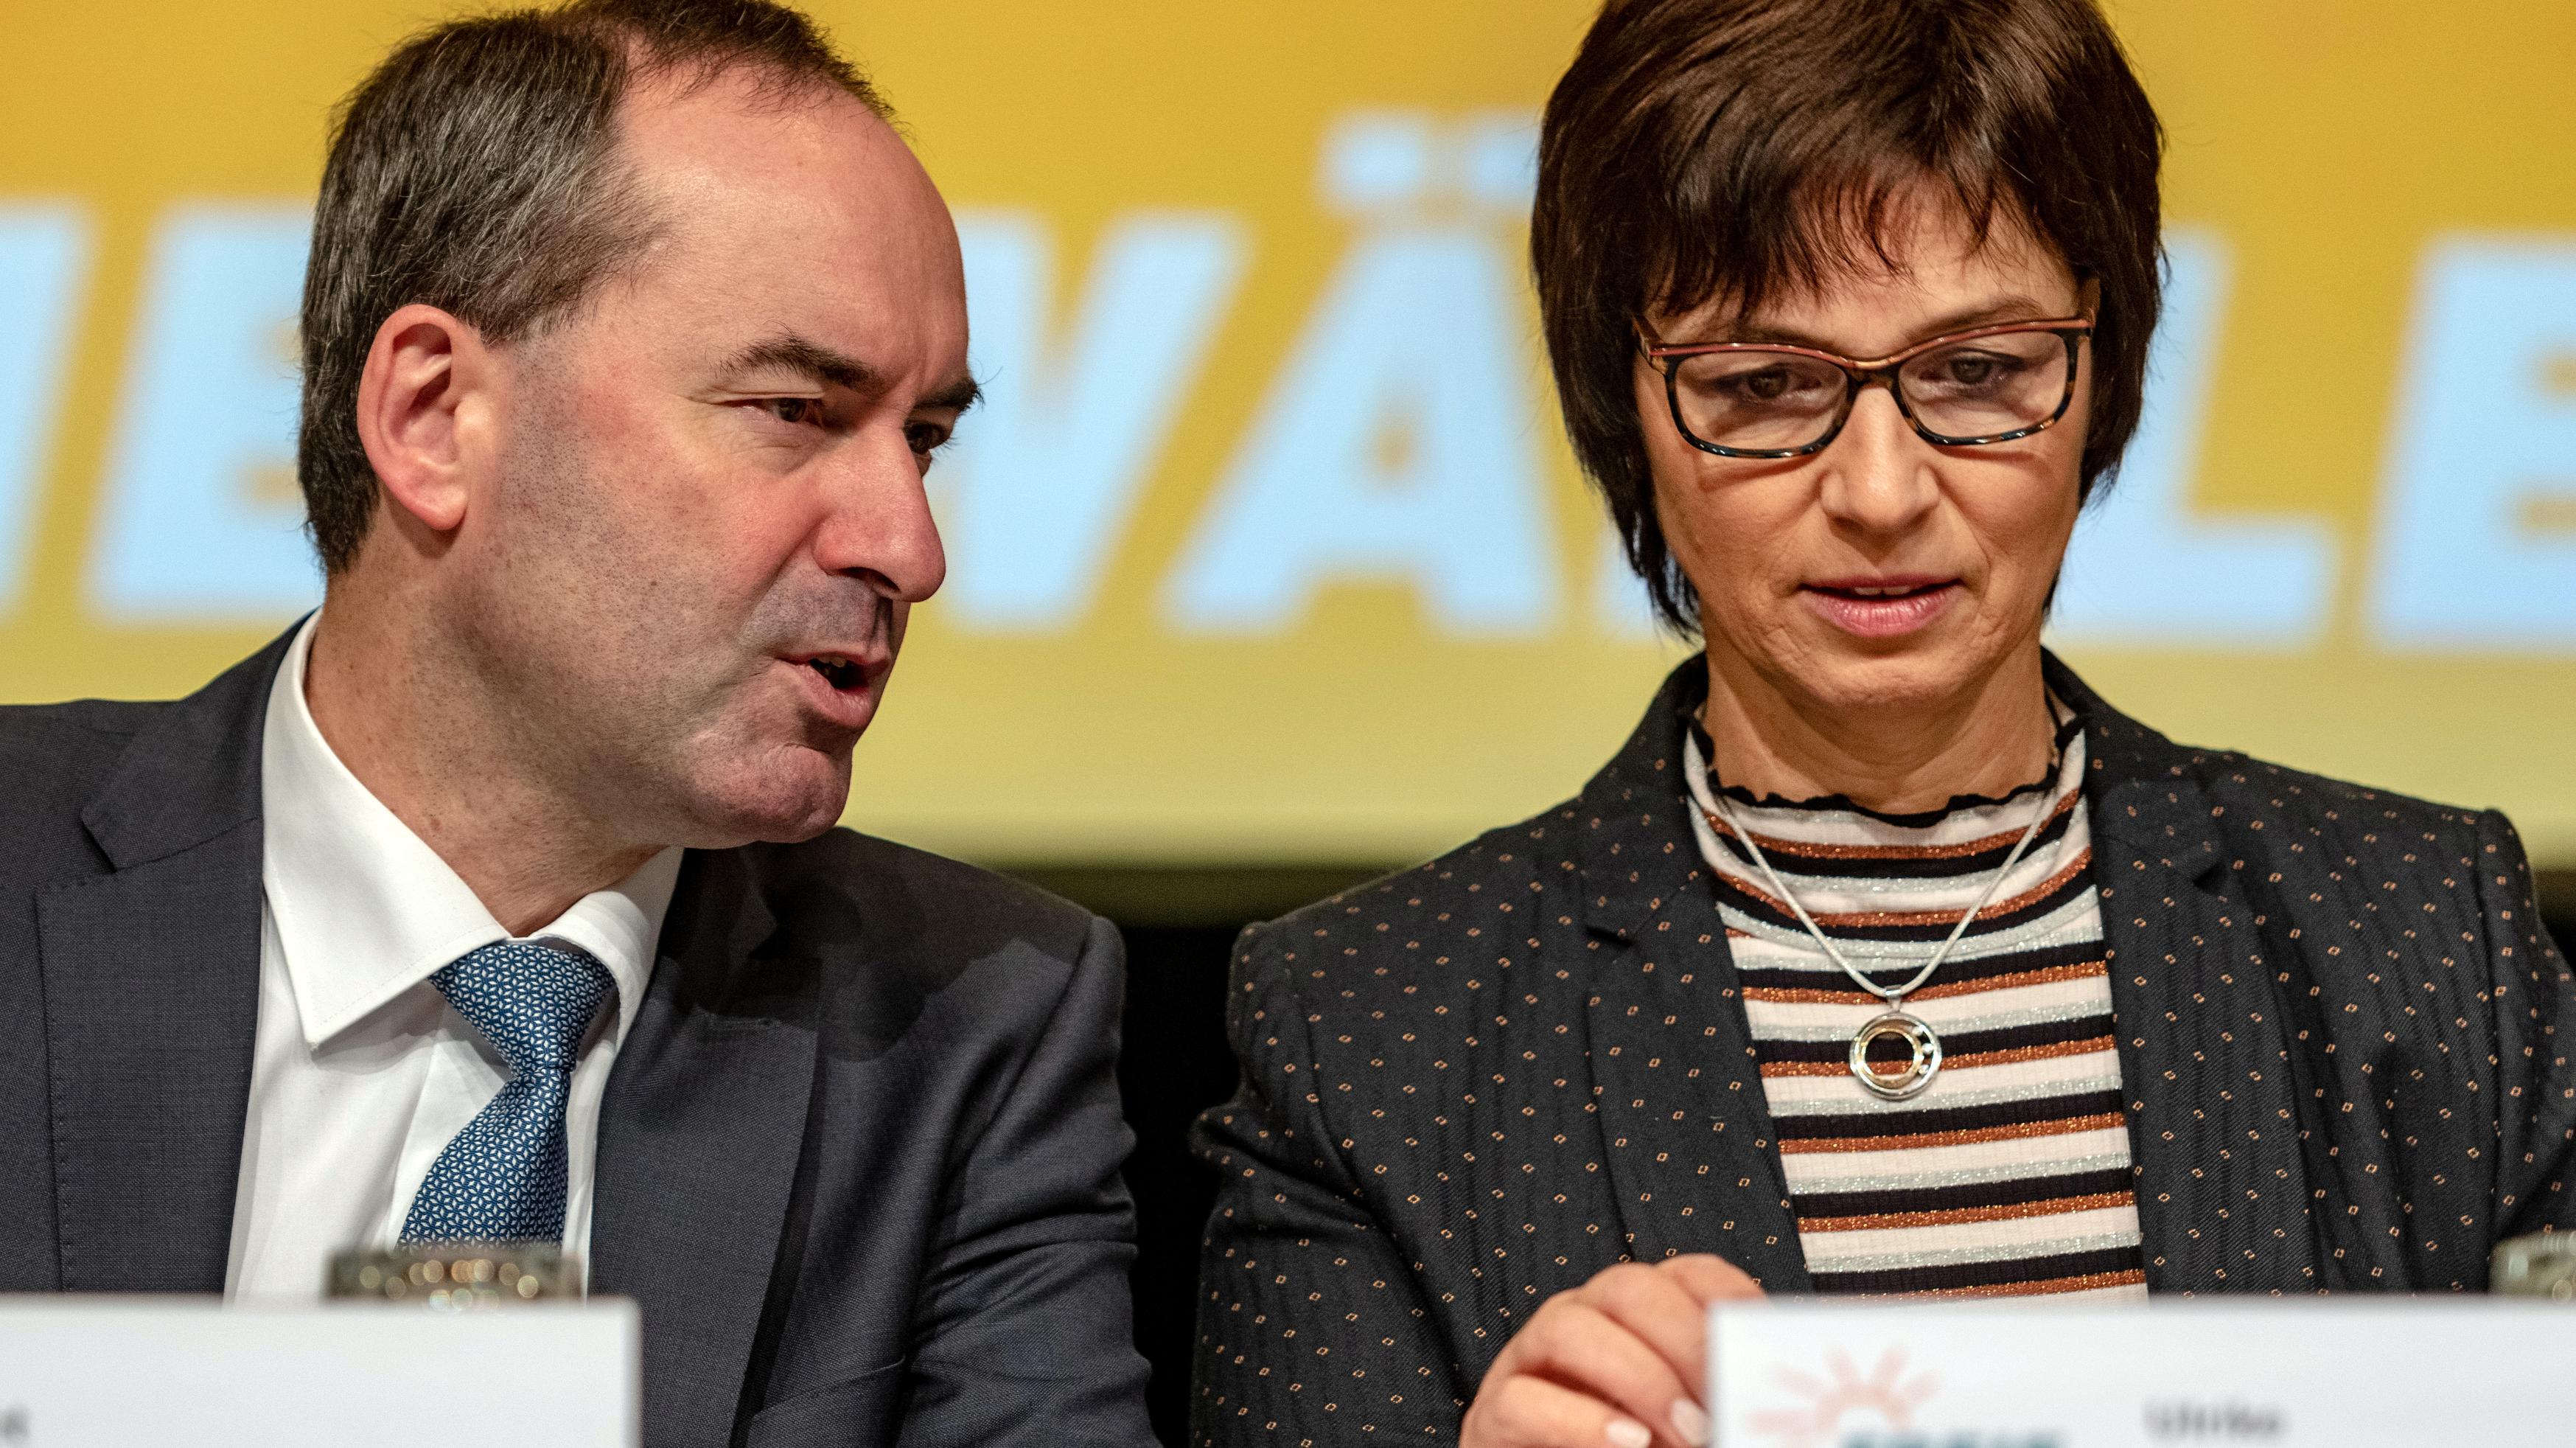 Hubert Aiwanger und Ulrike Müller